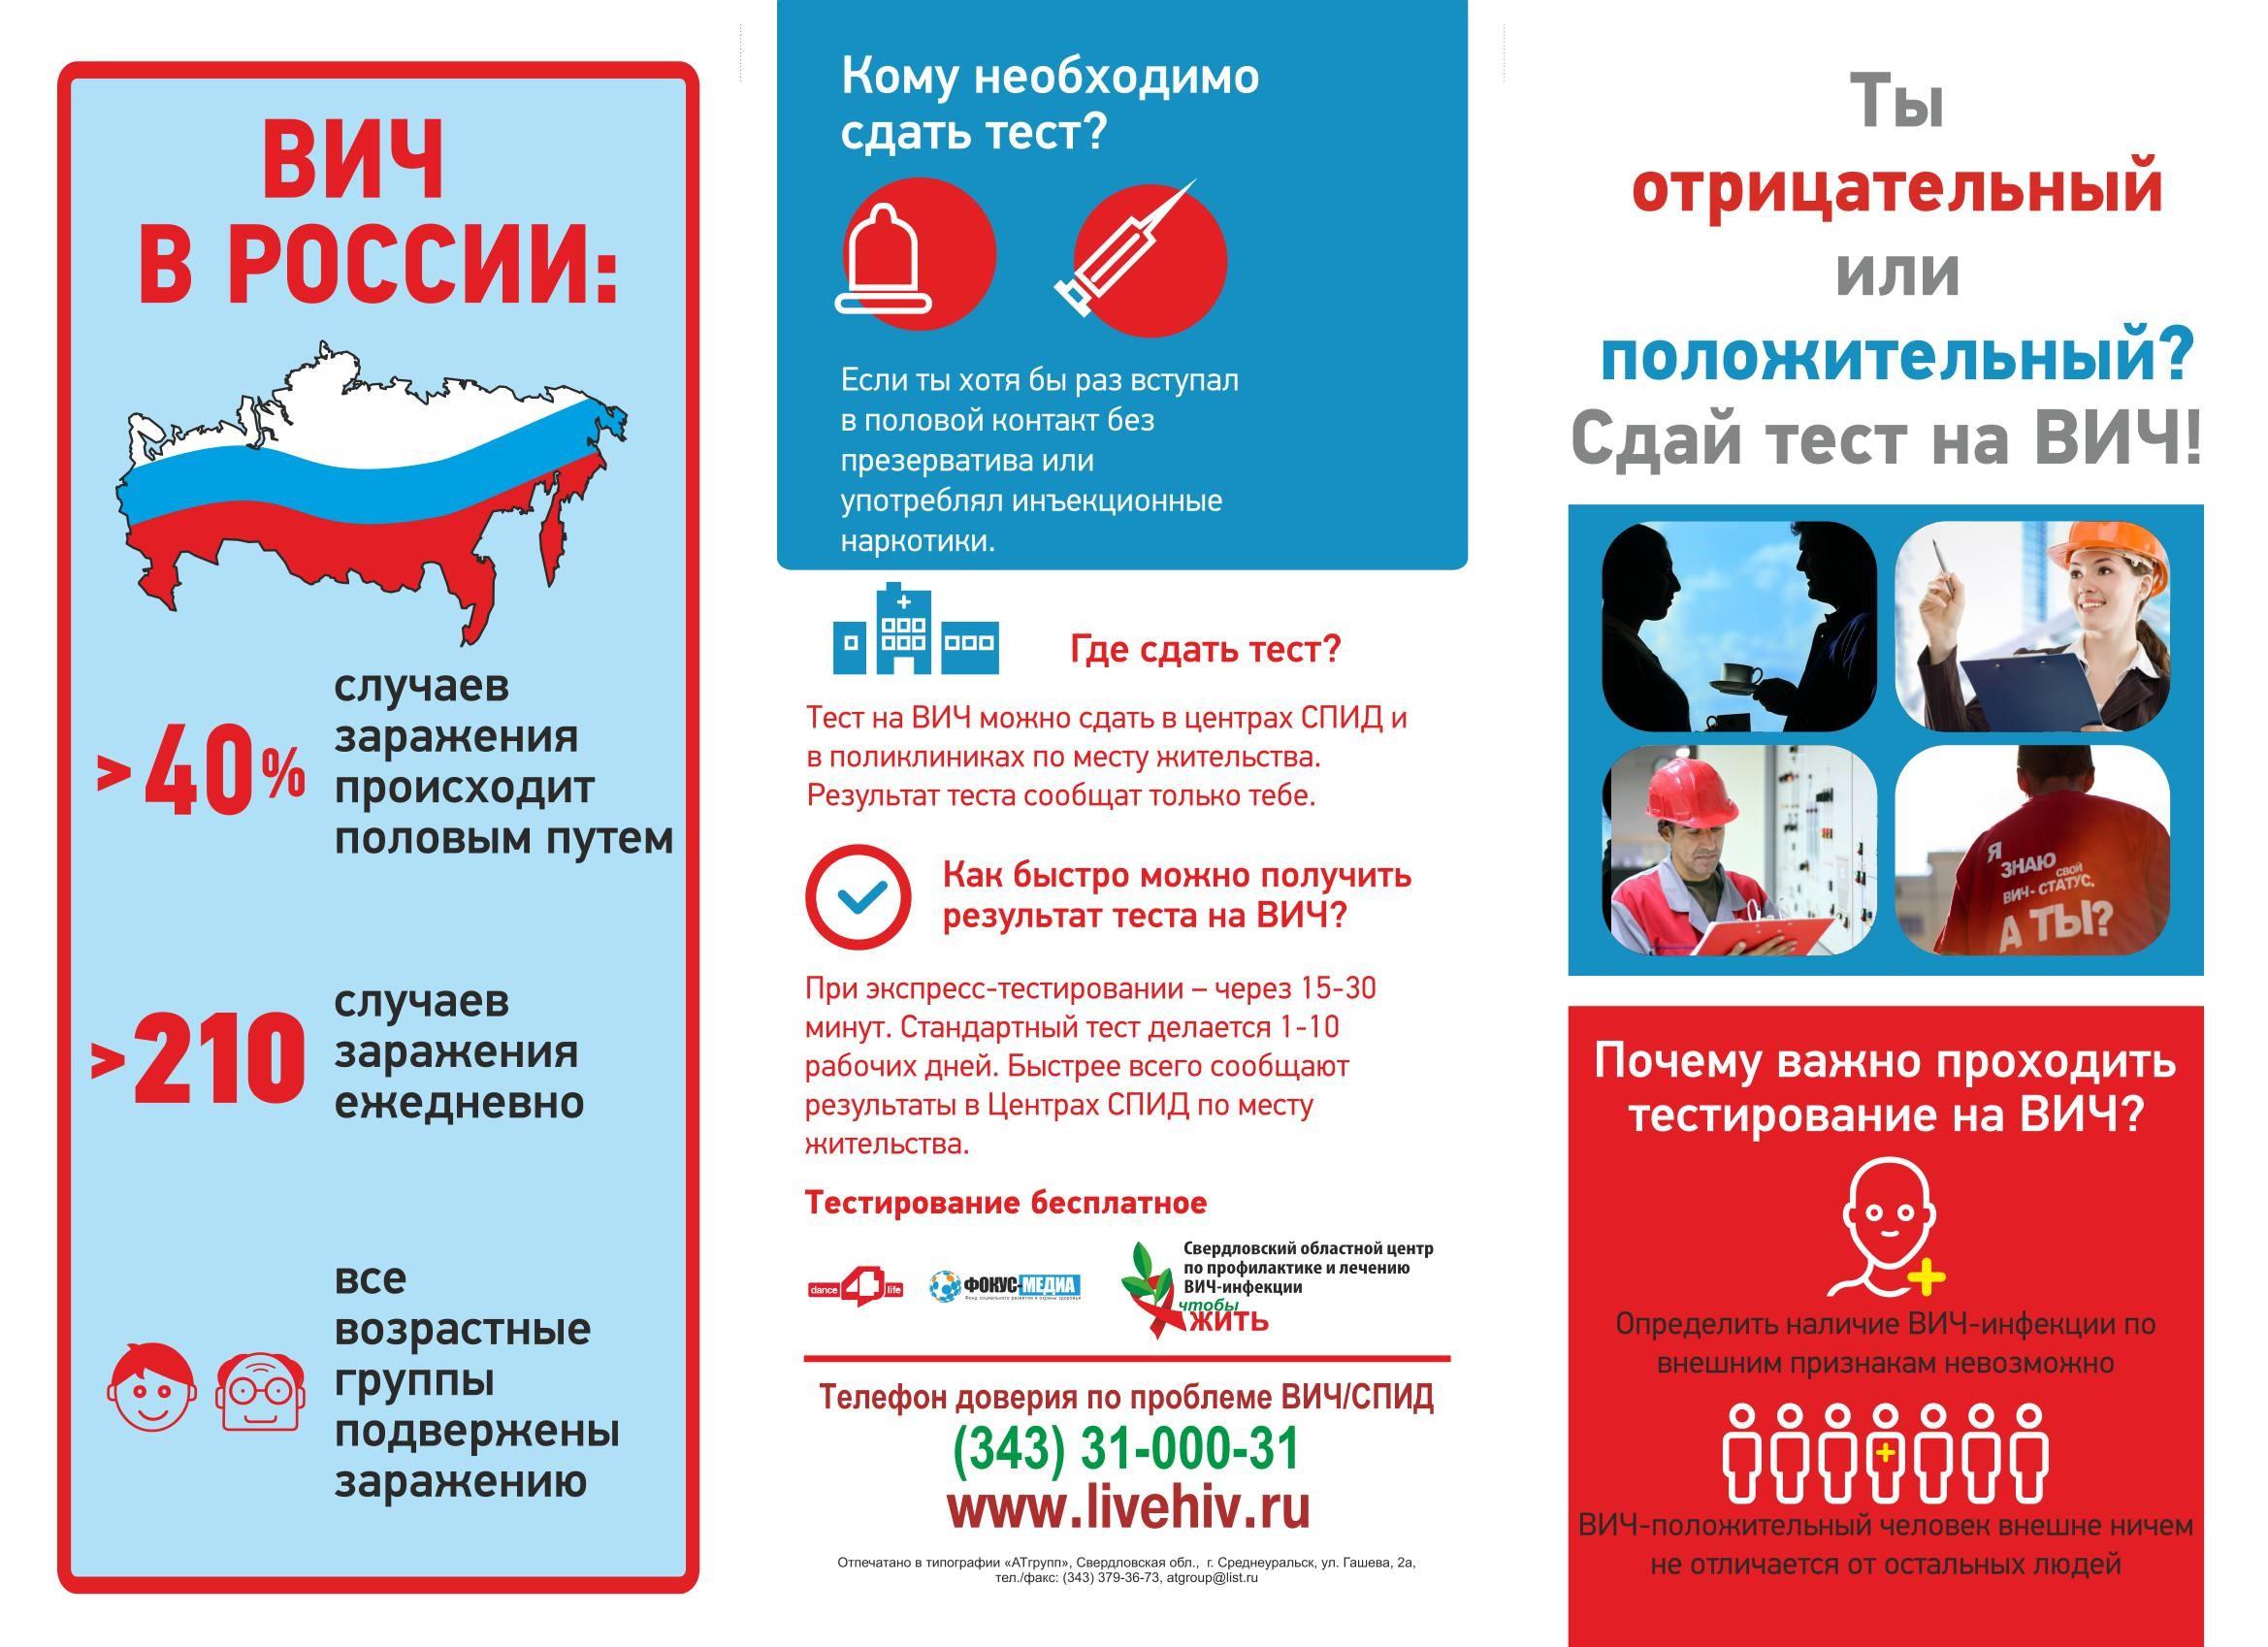 Анализ крови на вич бесплатно москва Справка-вызов на сессию Савеловская